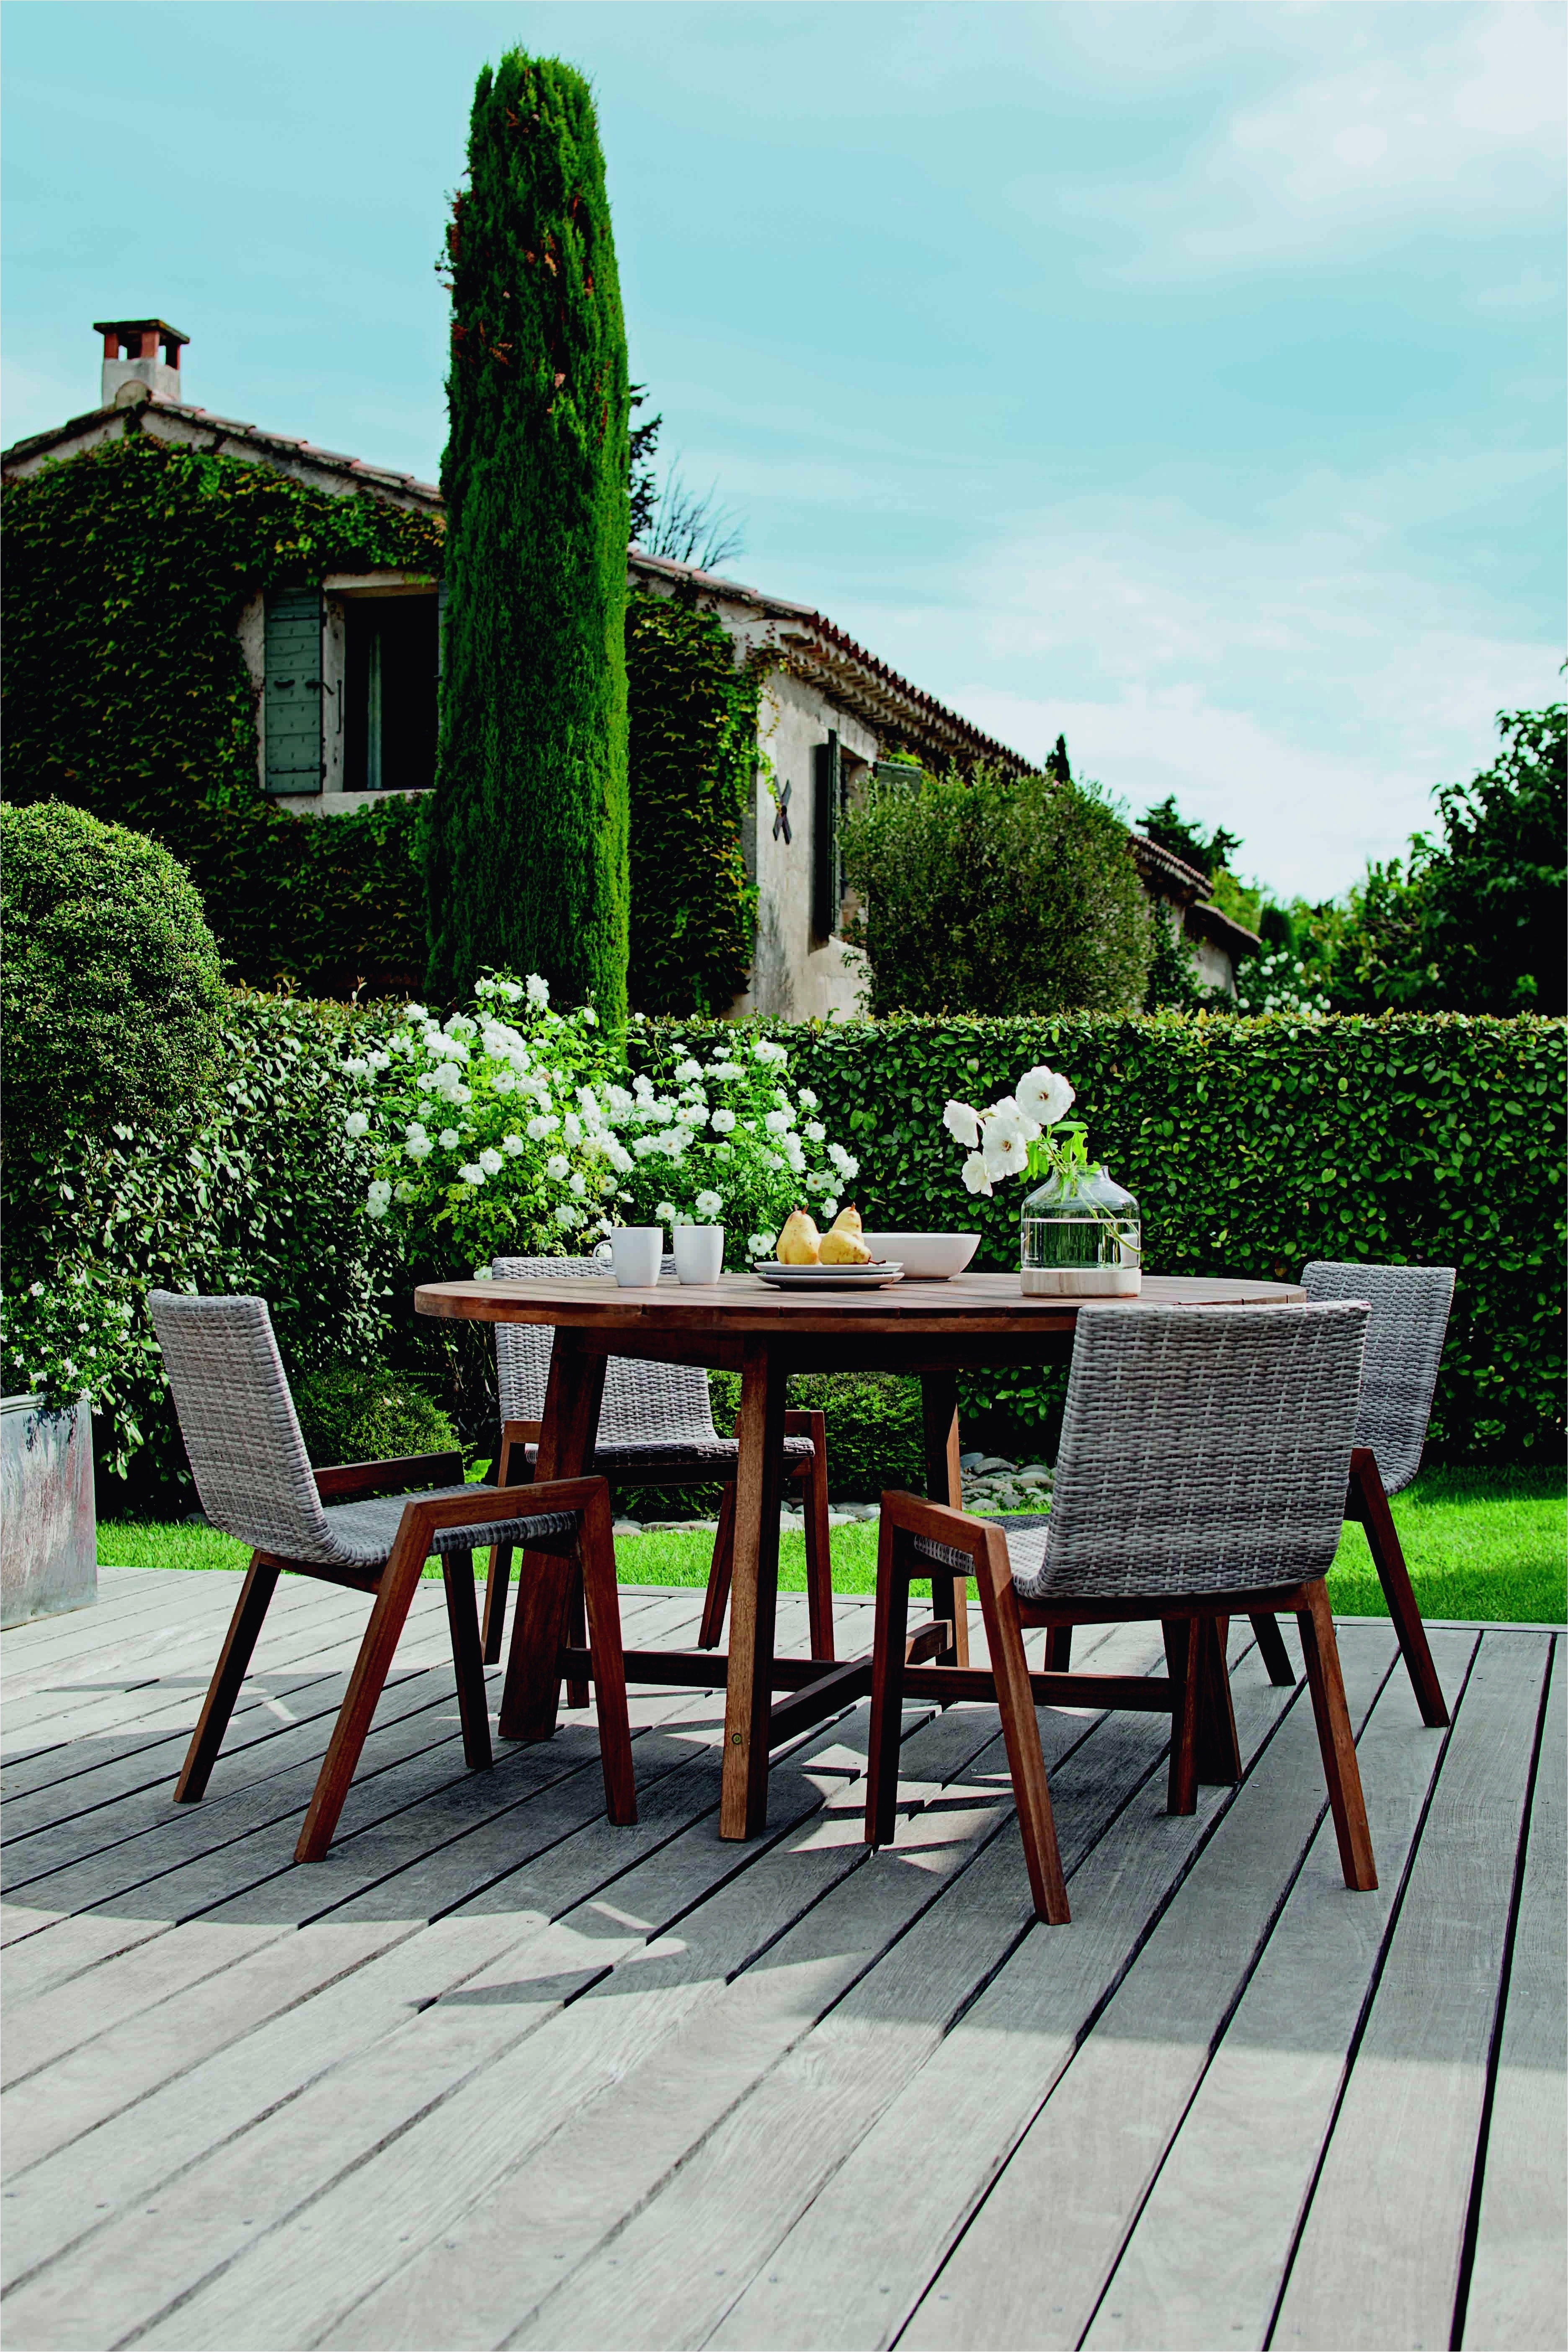 Chaise Salon De Jardin Leclerc Inspirant Stock Salon De Jardin Grosfillex Beau Mobilier De Jardin Leclerc Ainsi Que